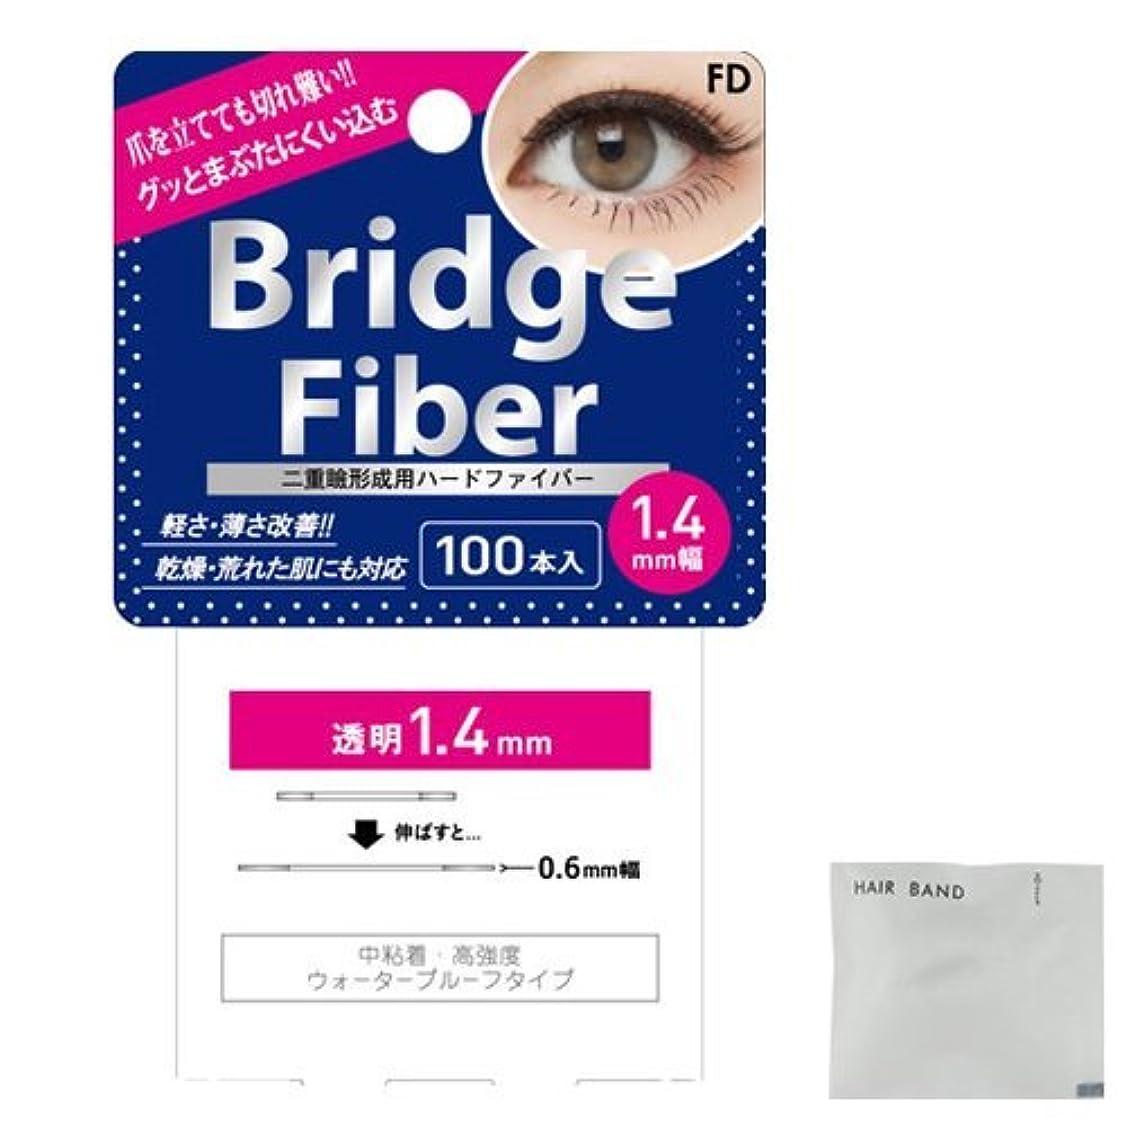 断線工業化する鹿FD ブリッジファイバーⅡ (Bridge Fiber) クリア1.4mm + ヘアゴム(カラーはおまかせ)セット